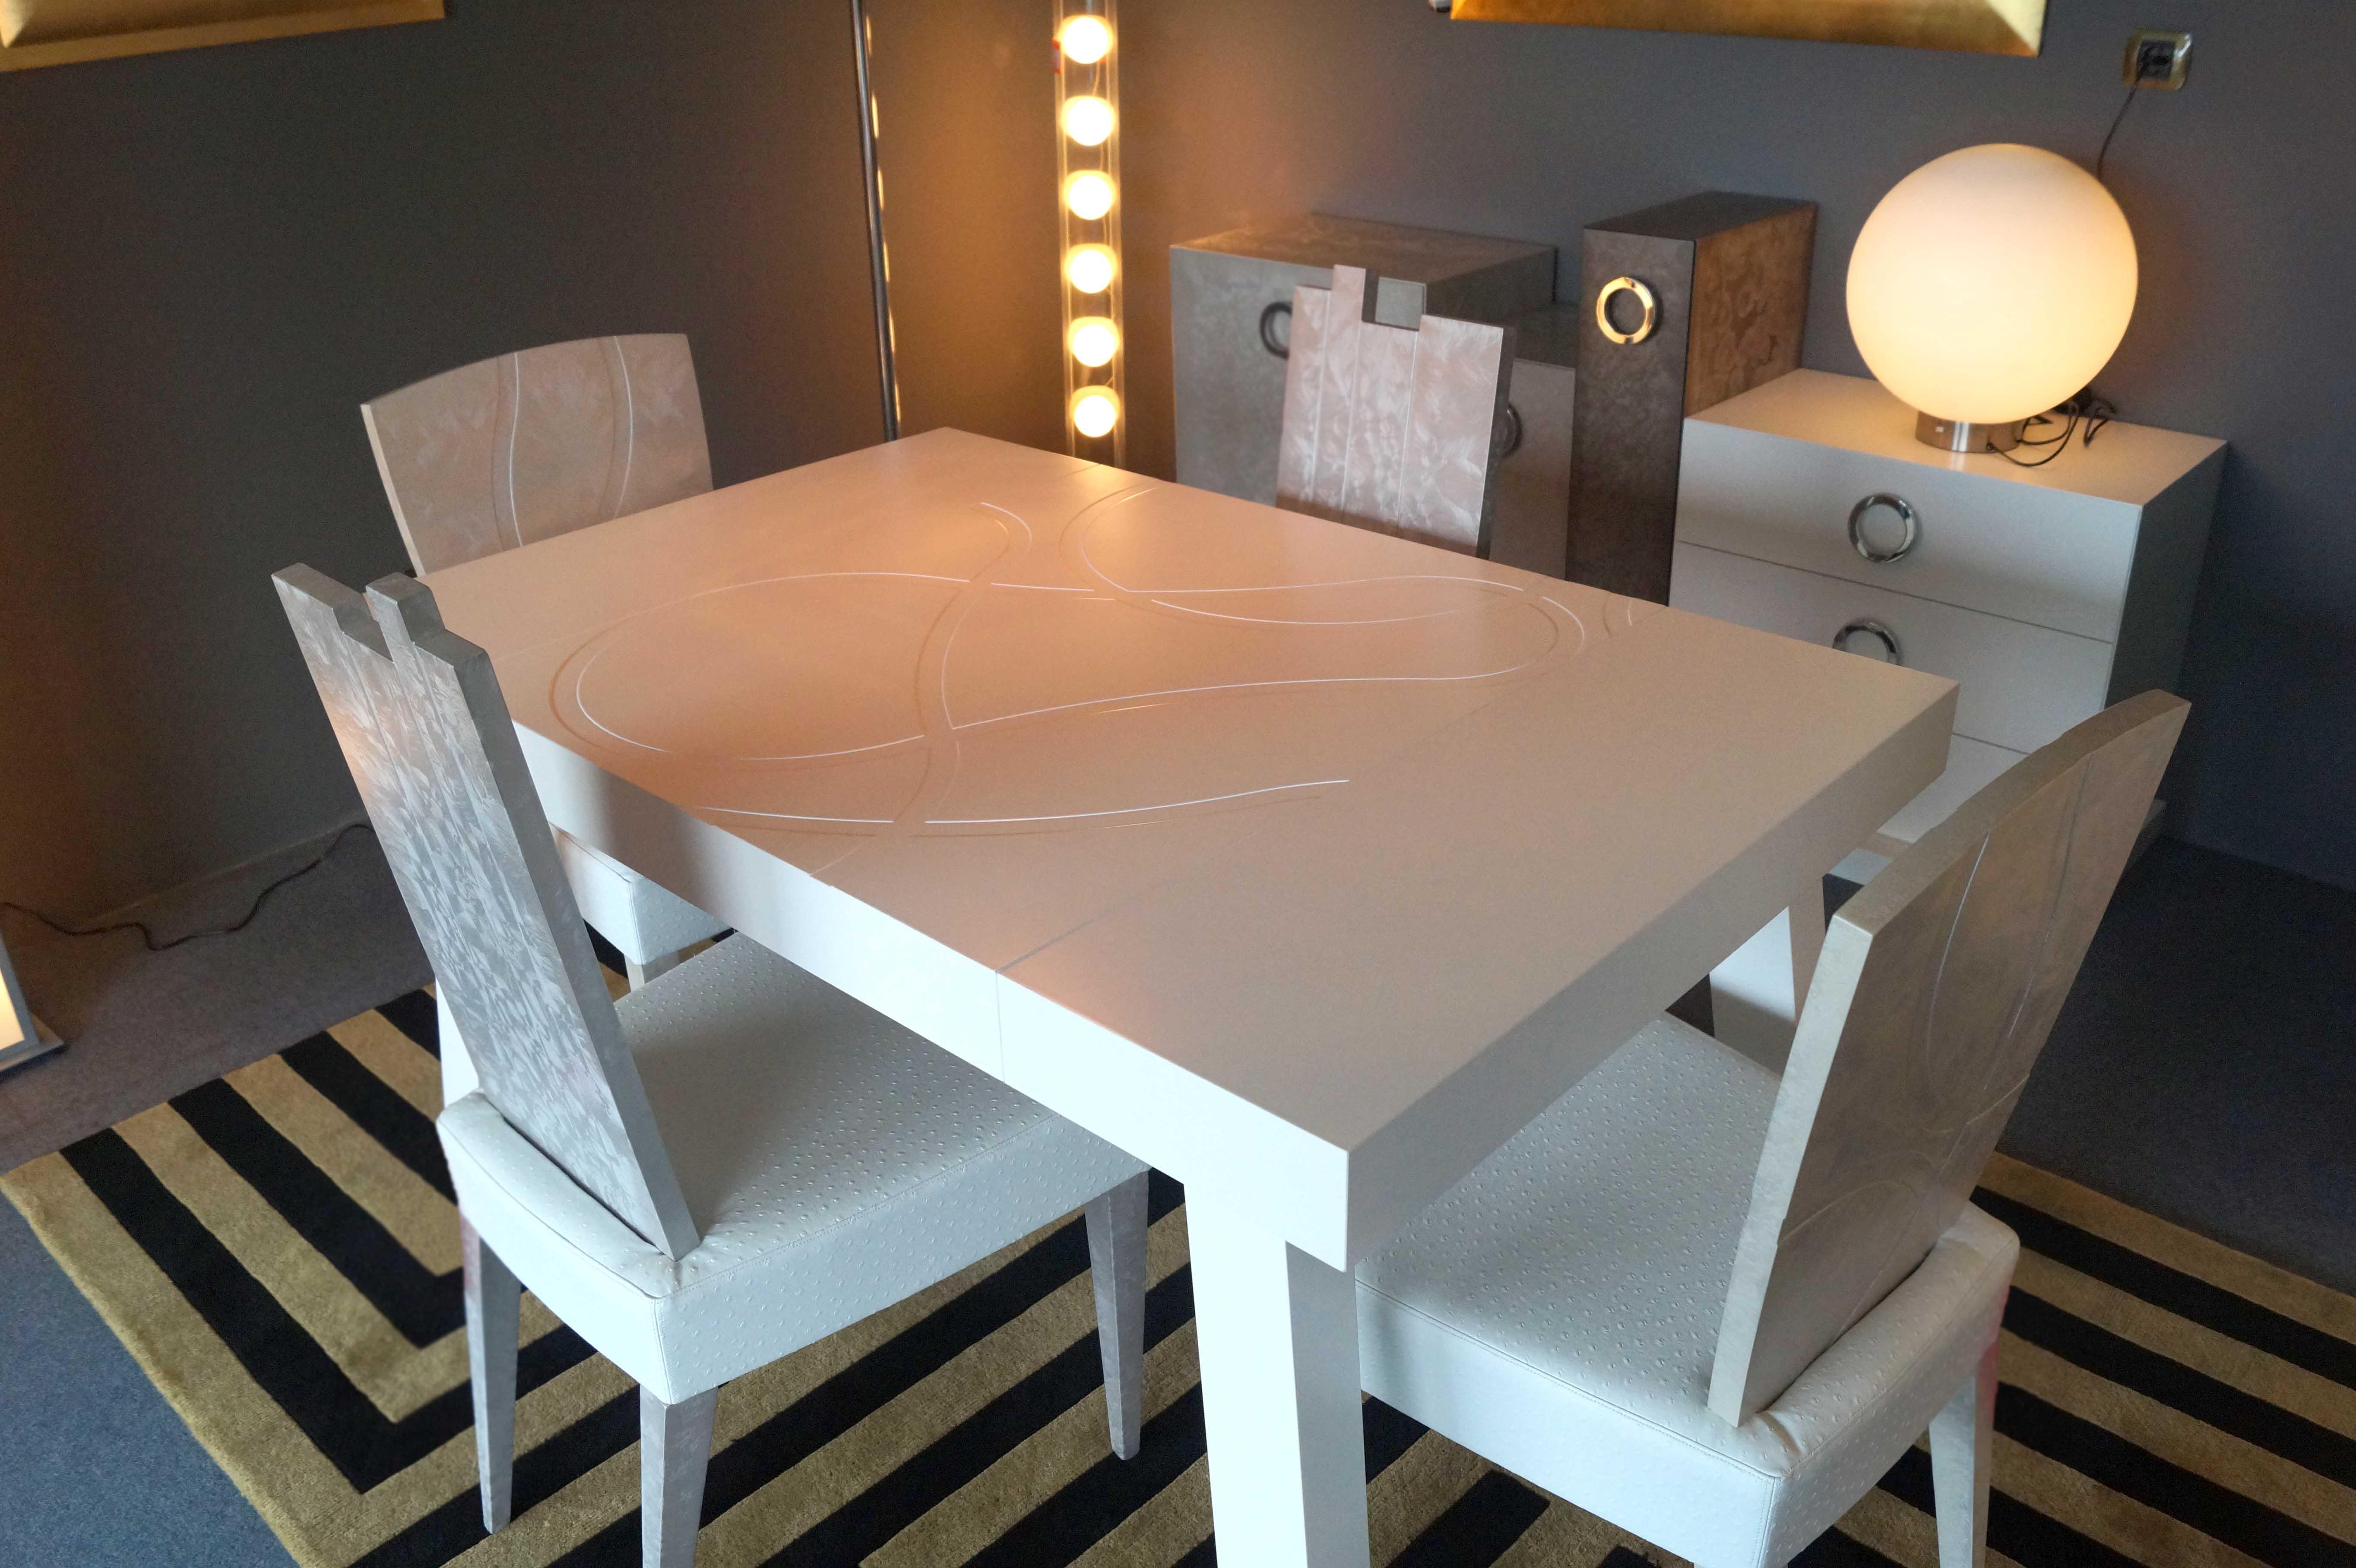 Mesas y sillas trend bautista muebles y decoraci n for Bautista muebles y decoracion